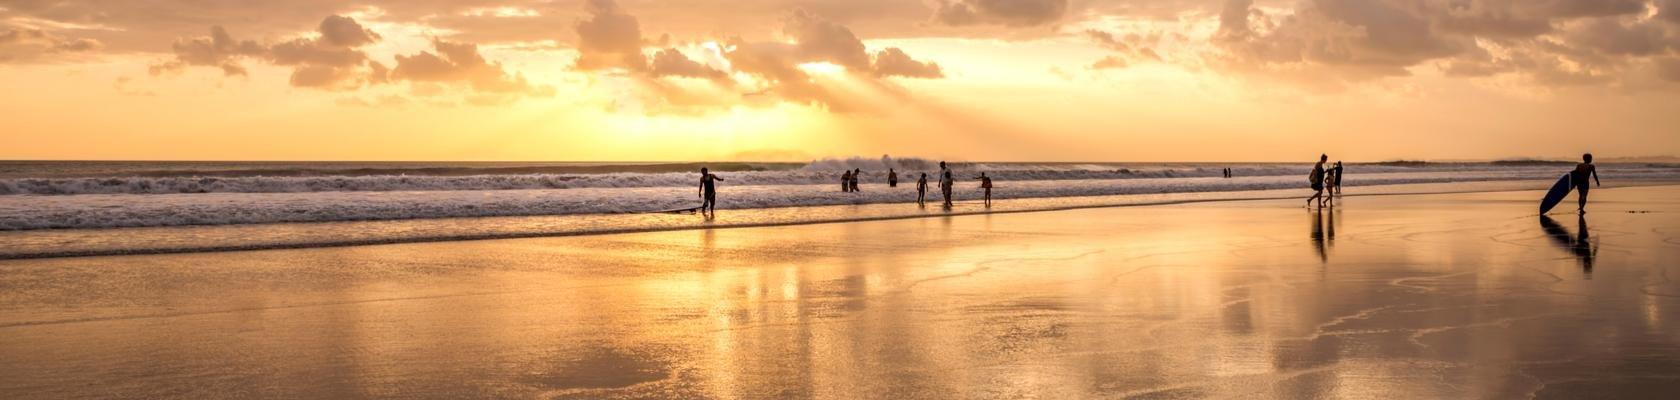 Zonsondergang aan de zuidkust van Bali